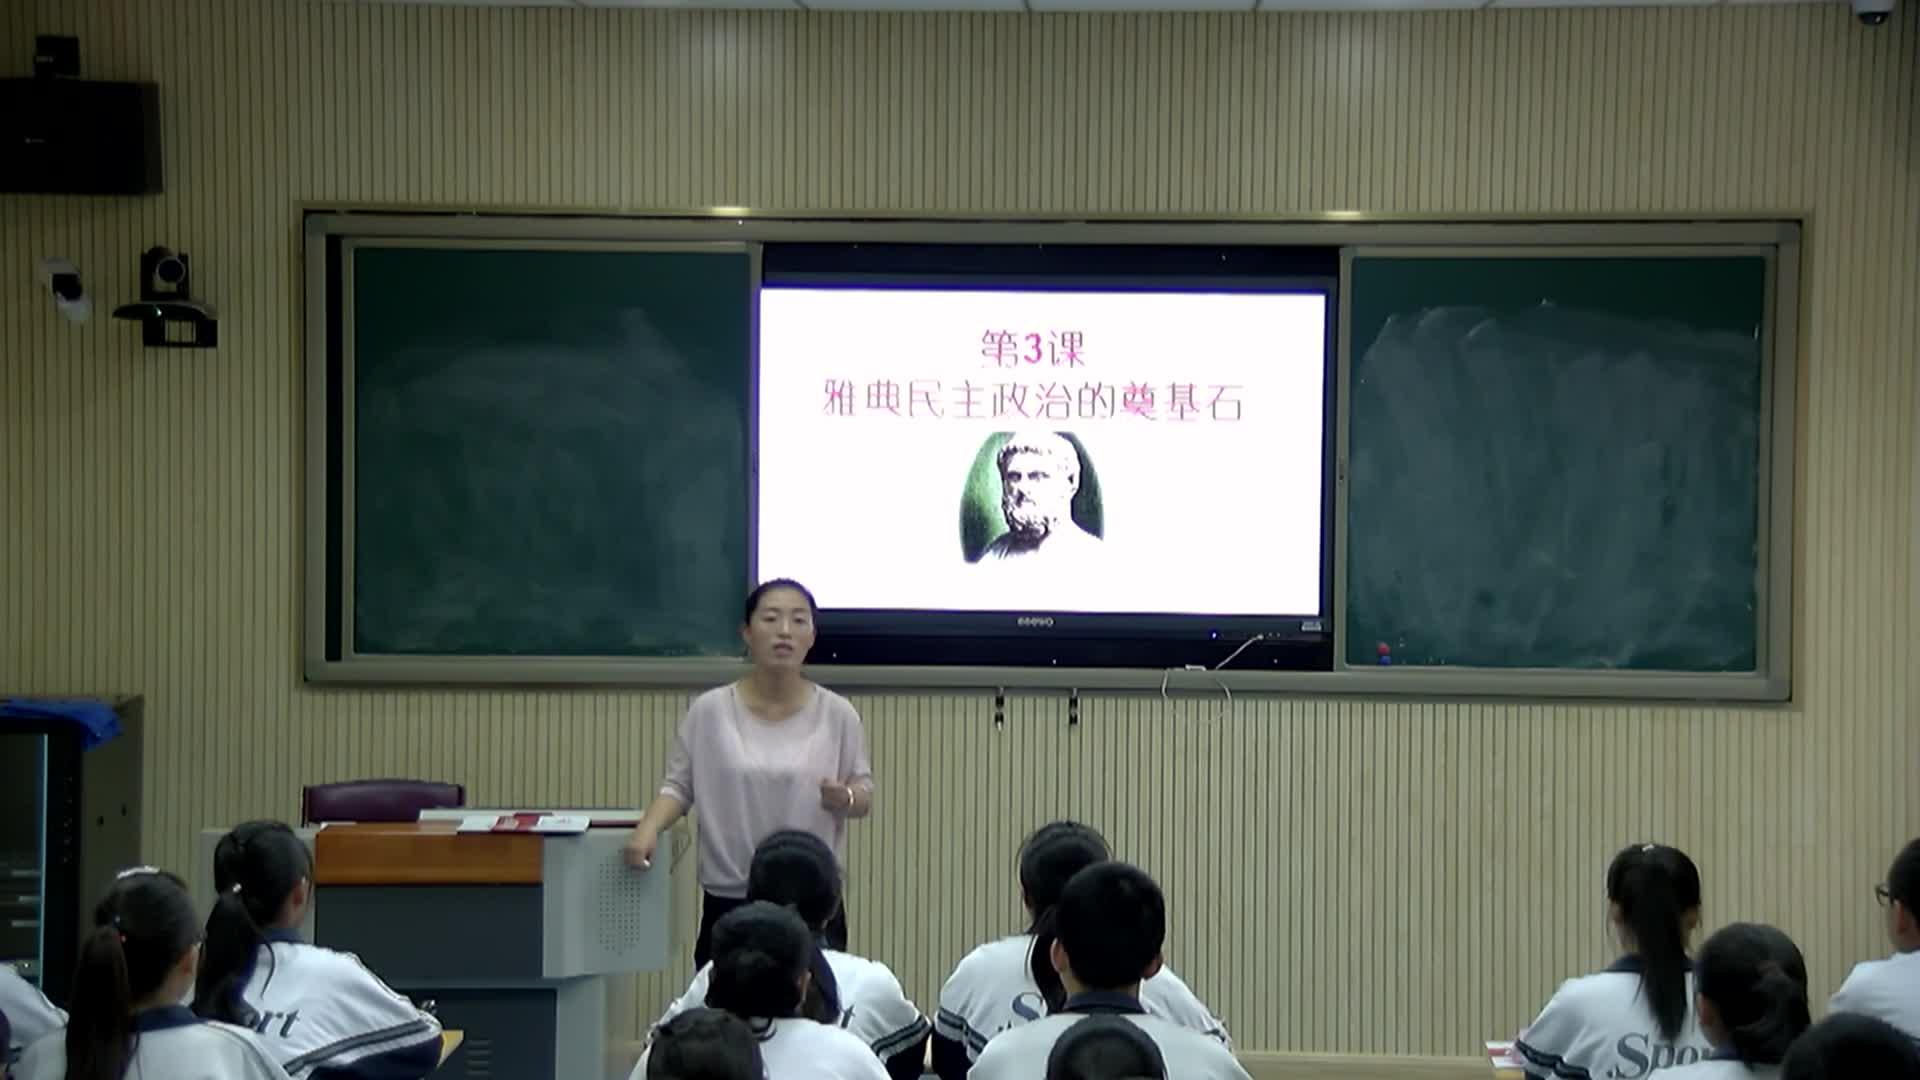 人教版 高二历史选修一《雅典民主政治的奠基石》孙艳芳